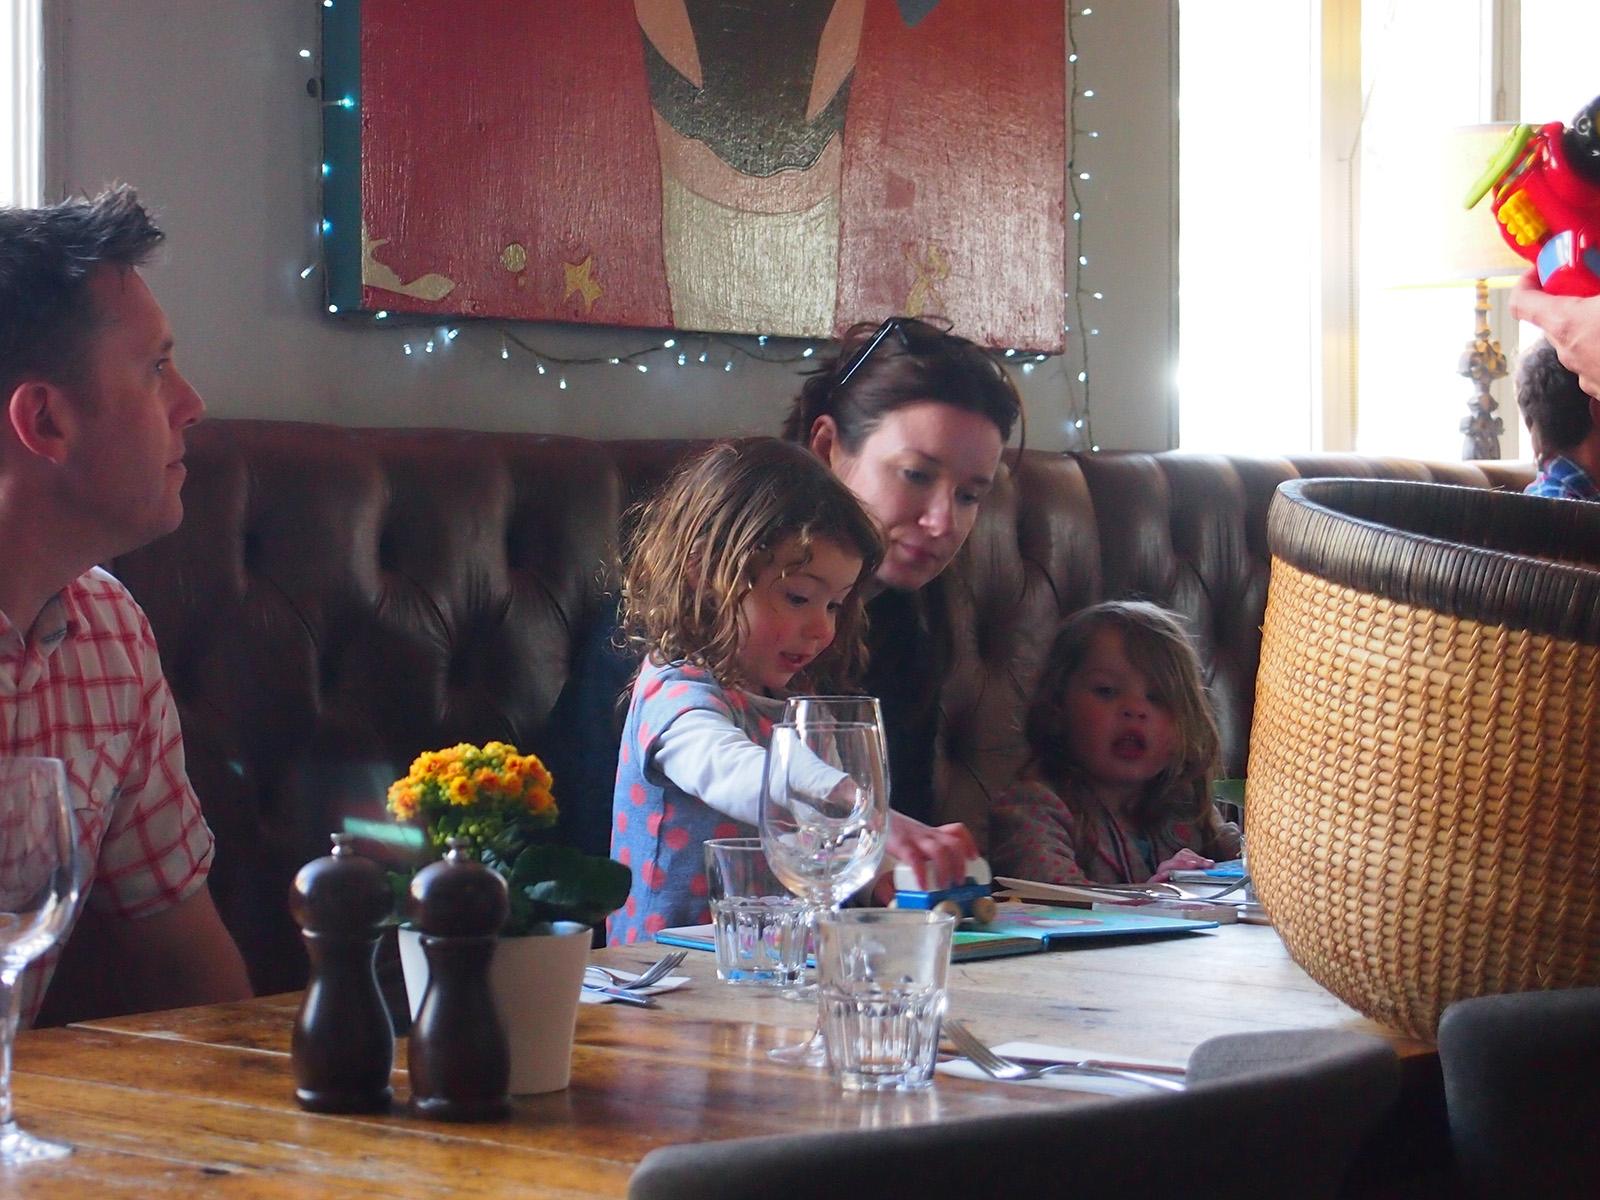 Rodiny s dětmi jsou vítány, ihned je připraven velký koš s hračkami